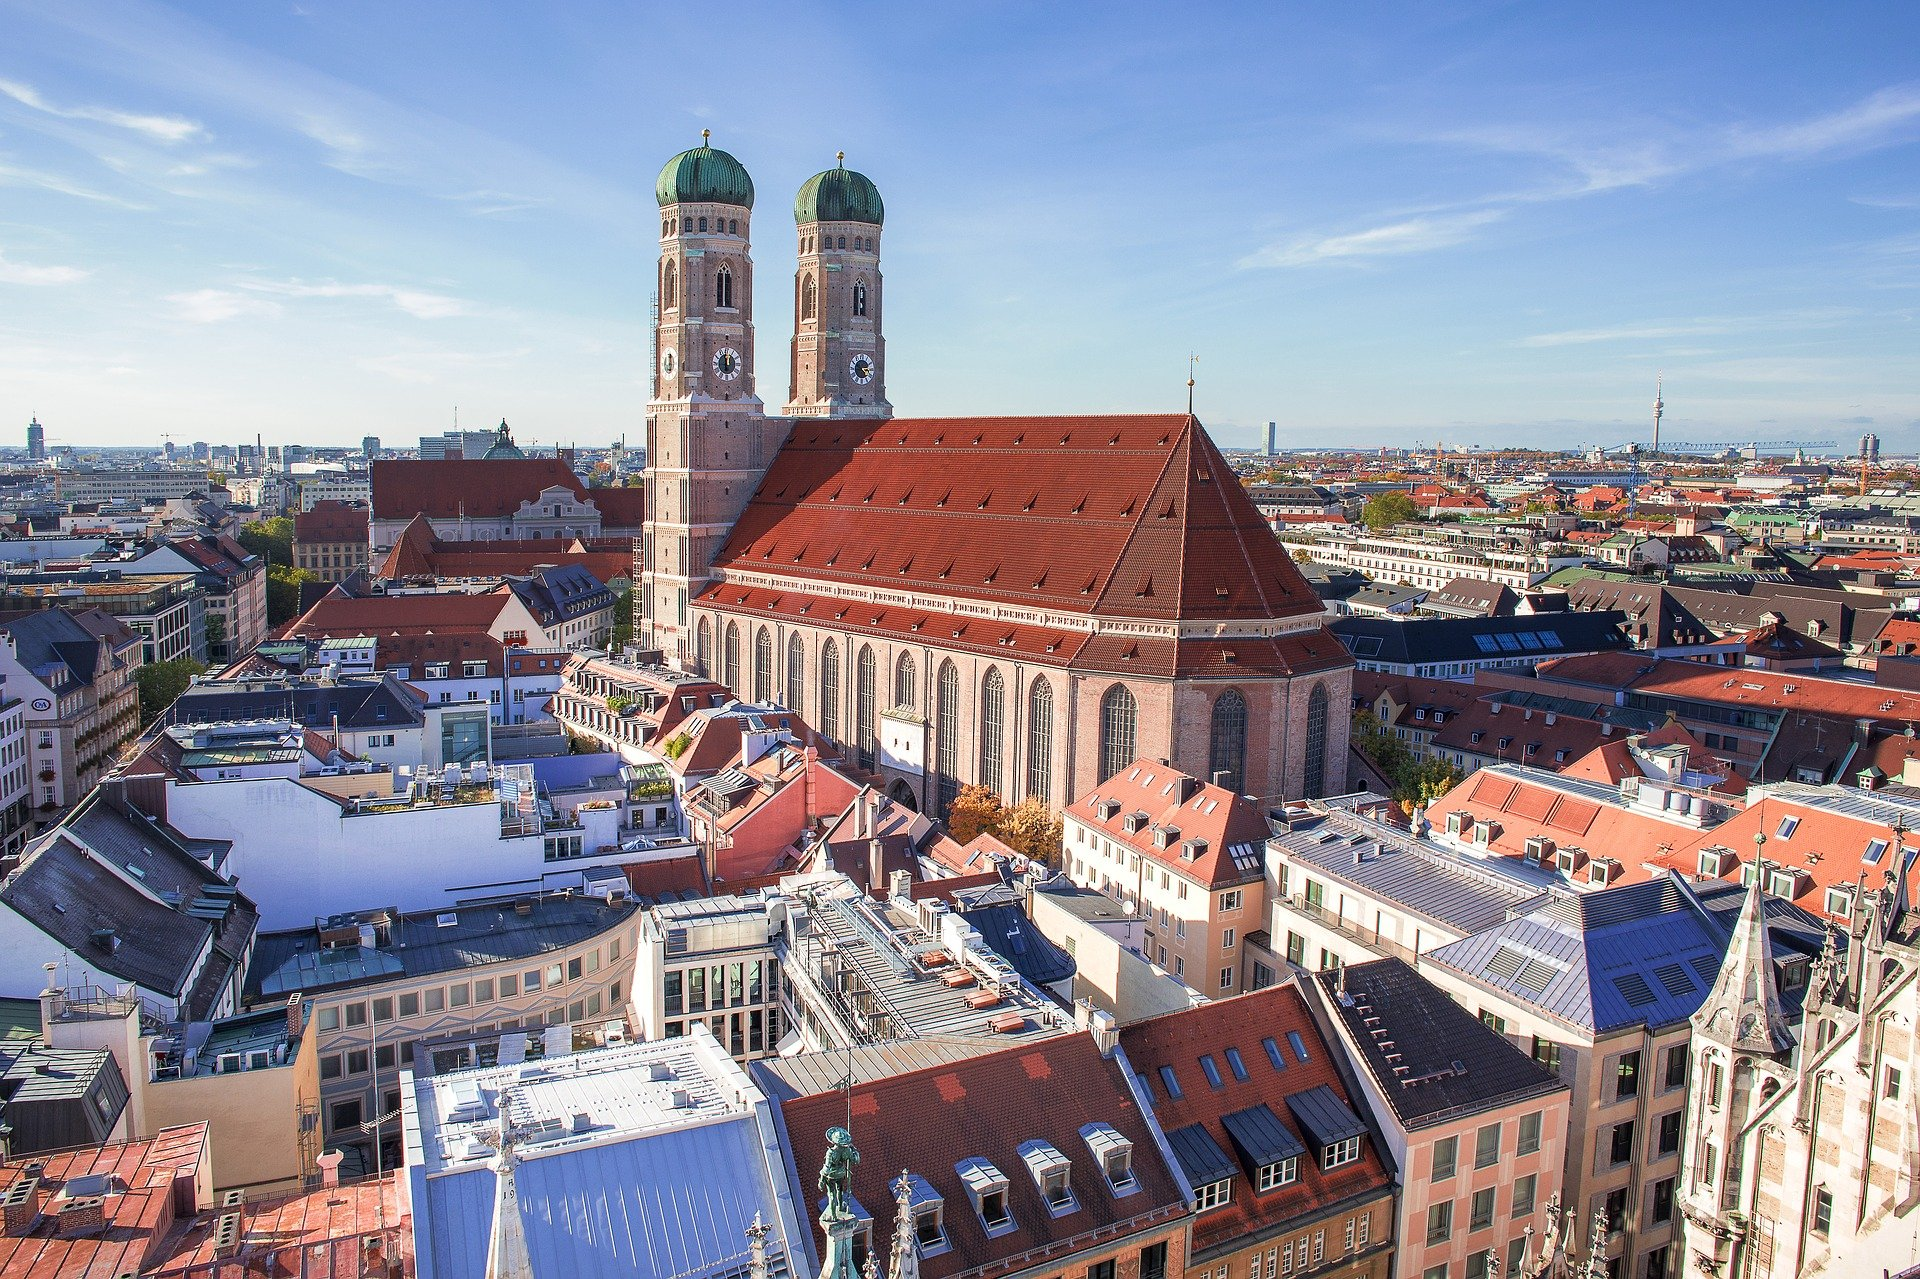 Die teuersten Straßen in Deutschland: Luxus, Beste Lage & Adressen - Top 40+1